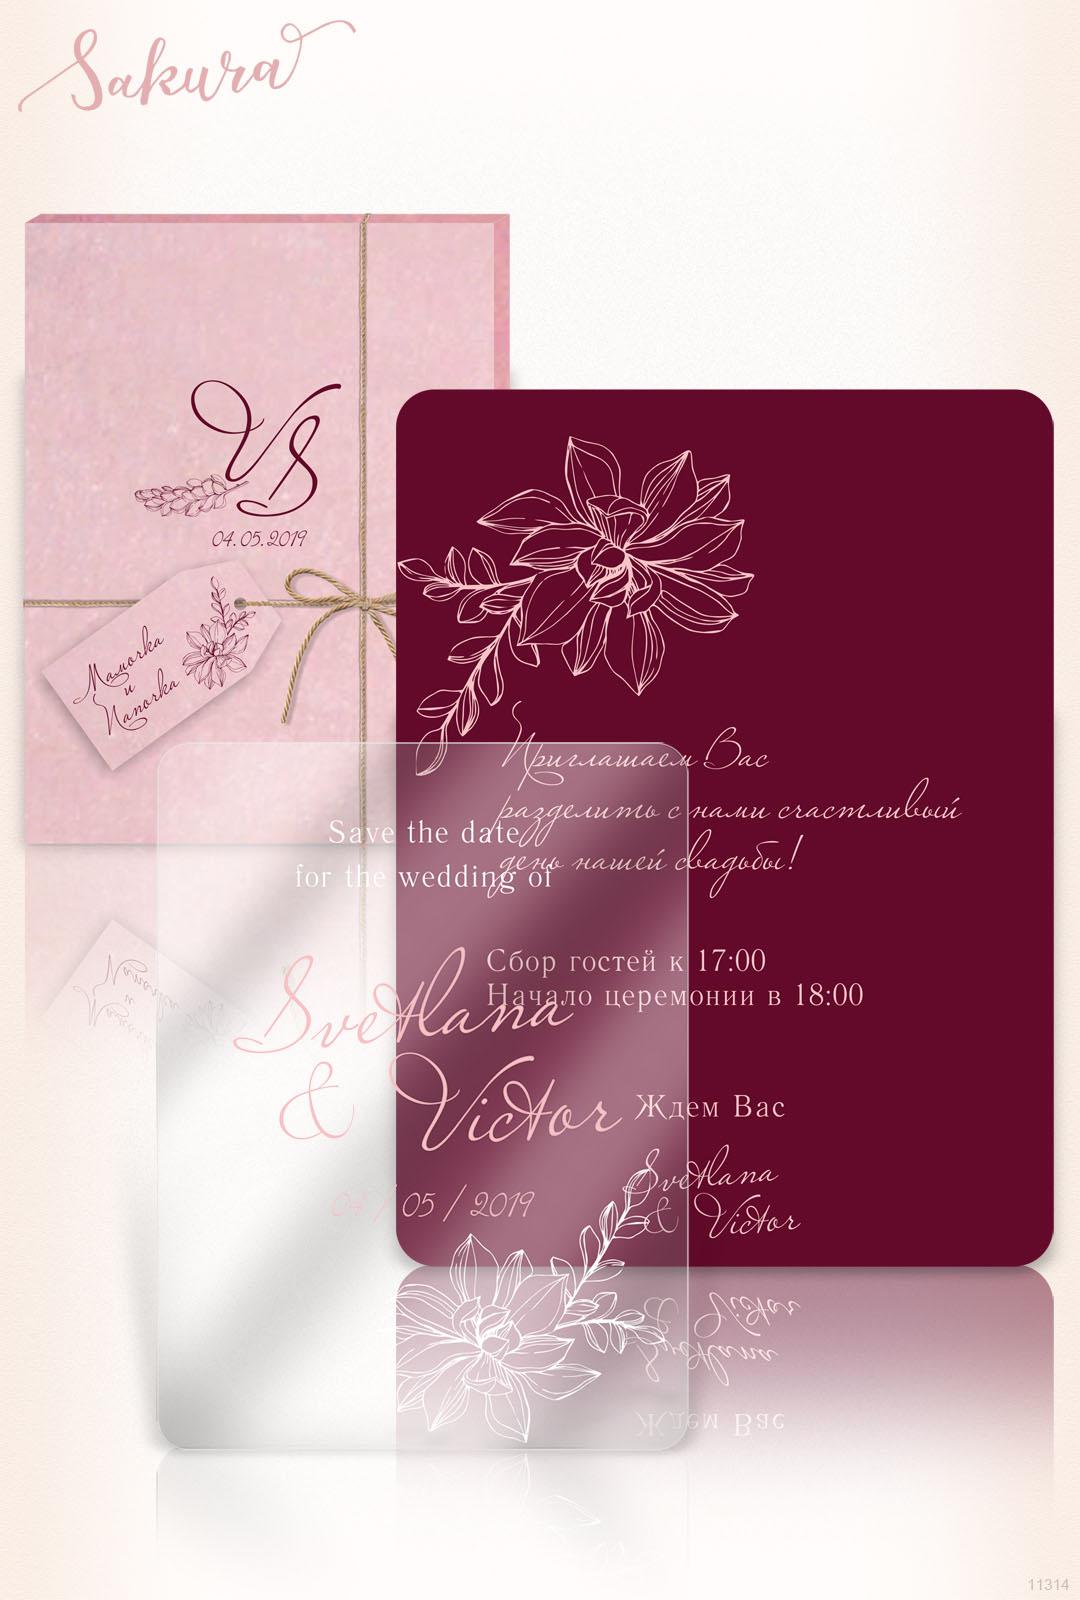 Приглашение на свадьбу из прозрачного стекла, с розовой печатью шелкографией, перламутр. Коробка с тегом.